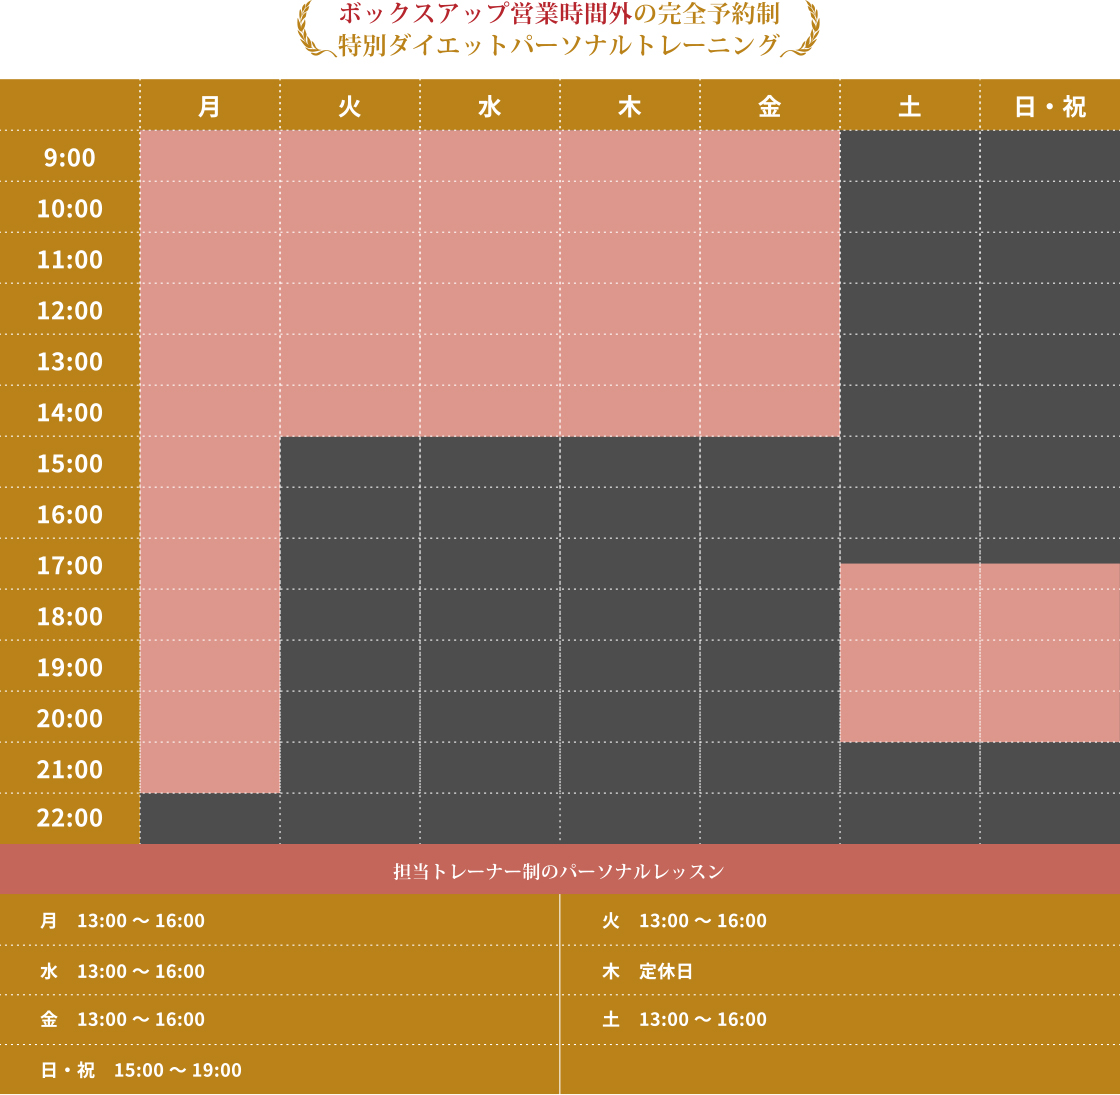 立川店営業時間